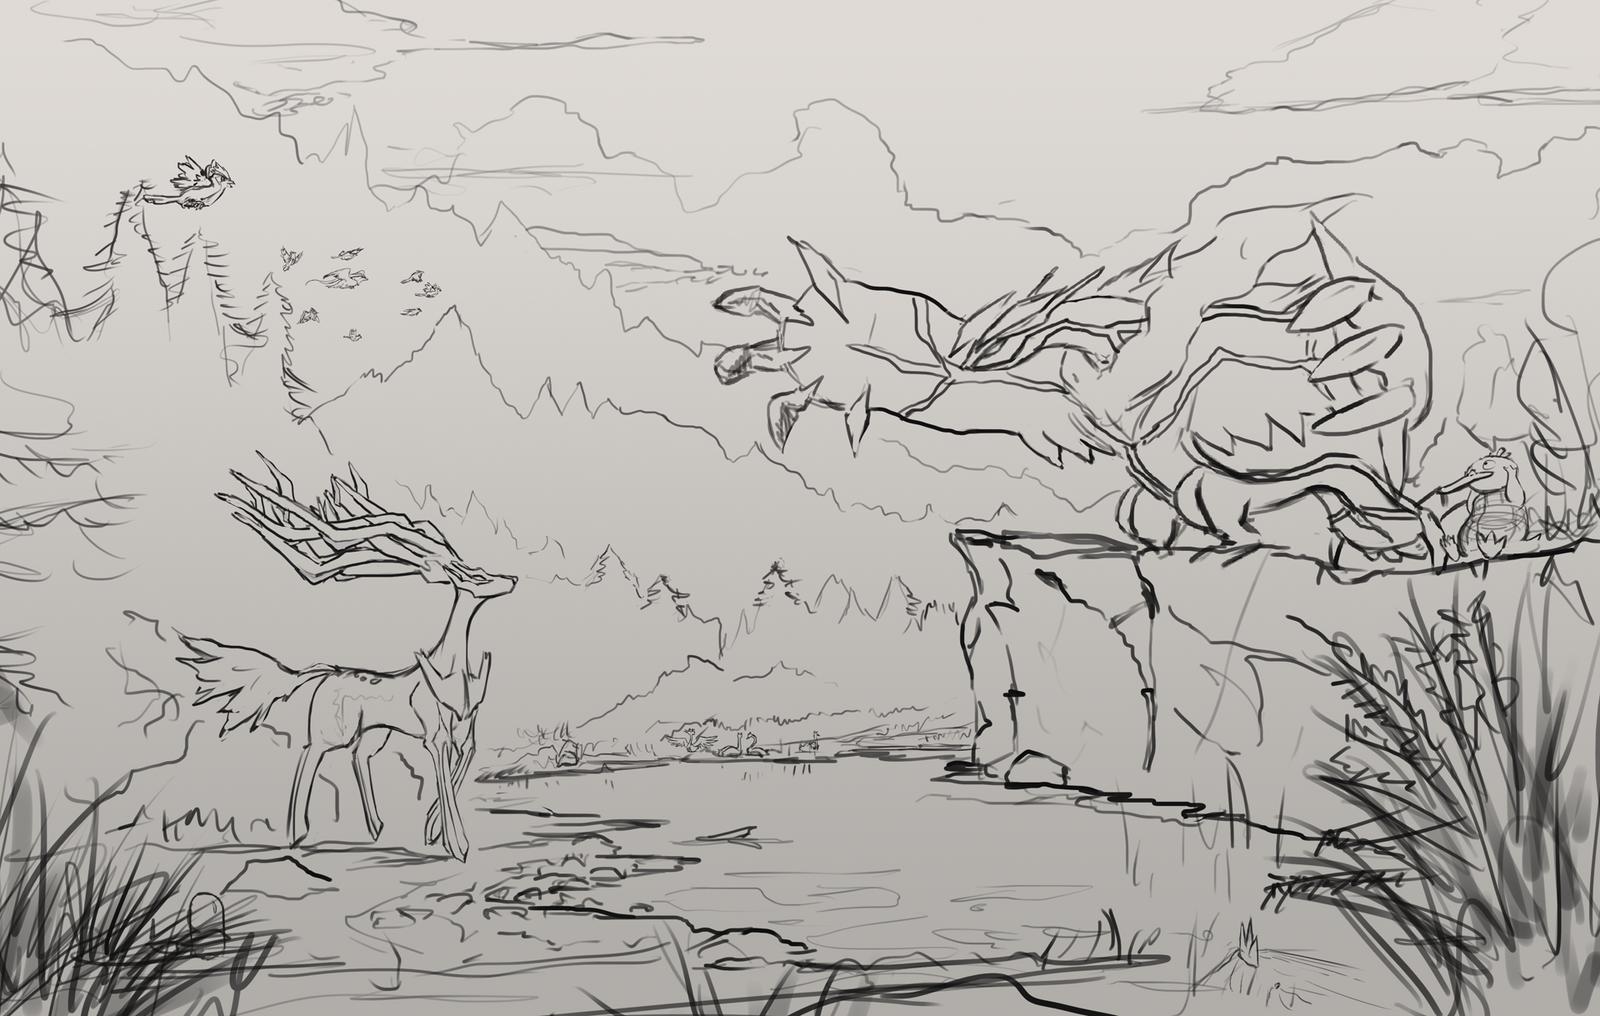 The Legendary Meeting sketch by Dekus